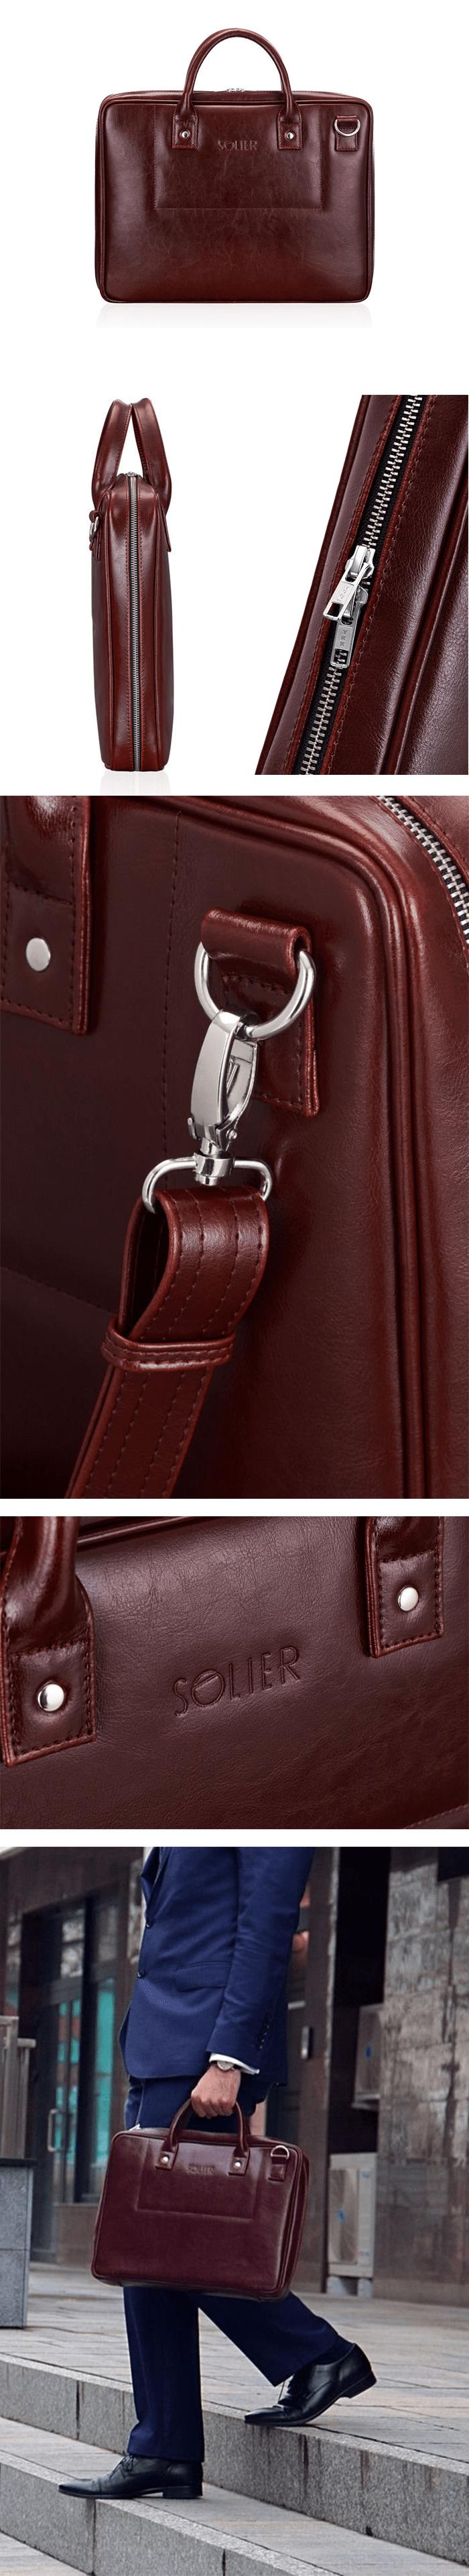 элегантная мужская сумка